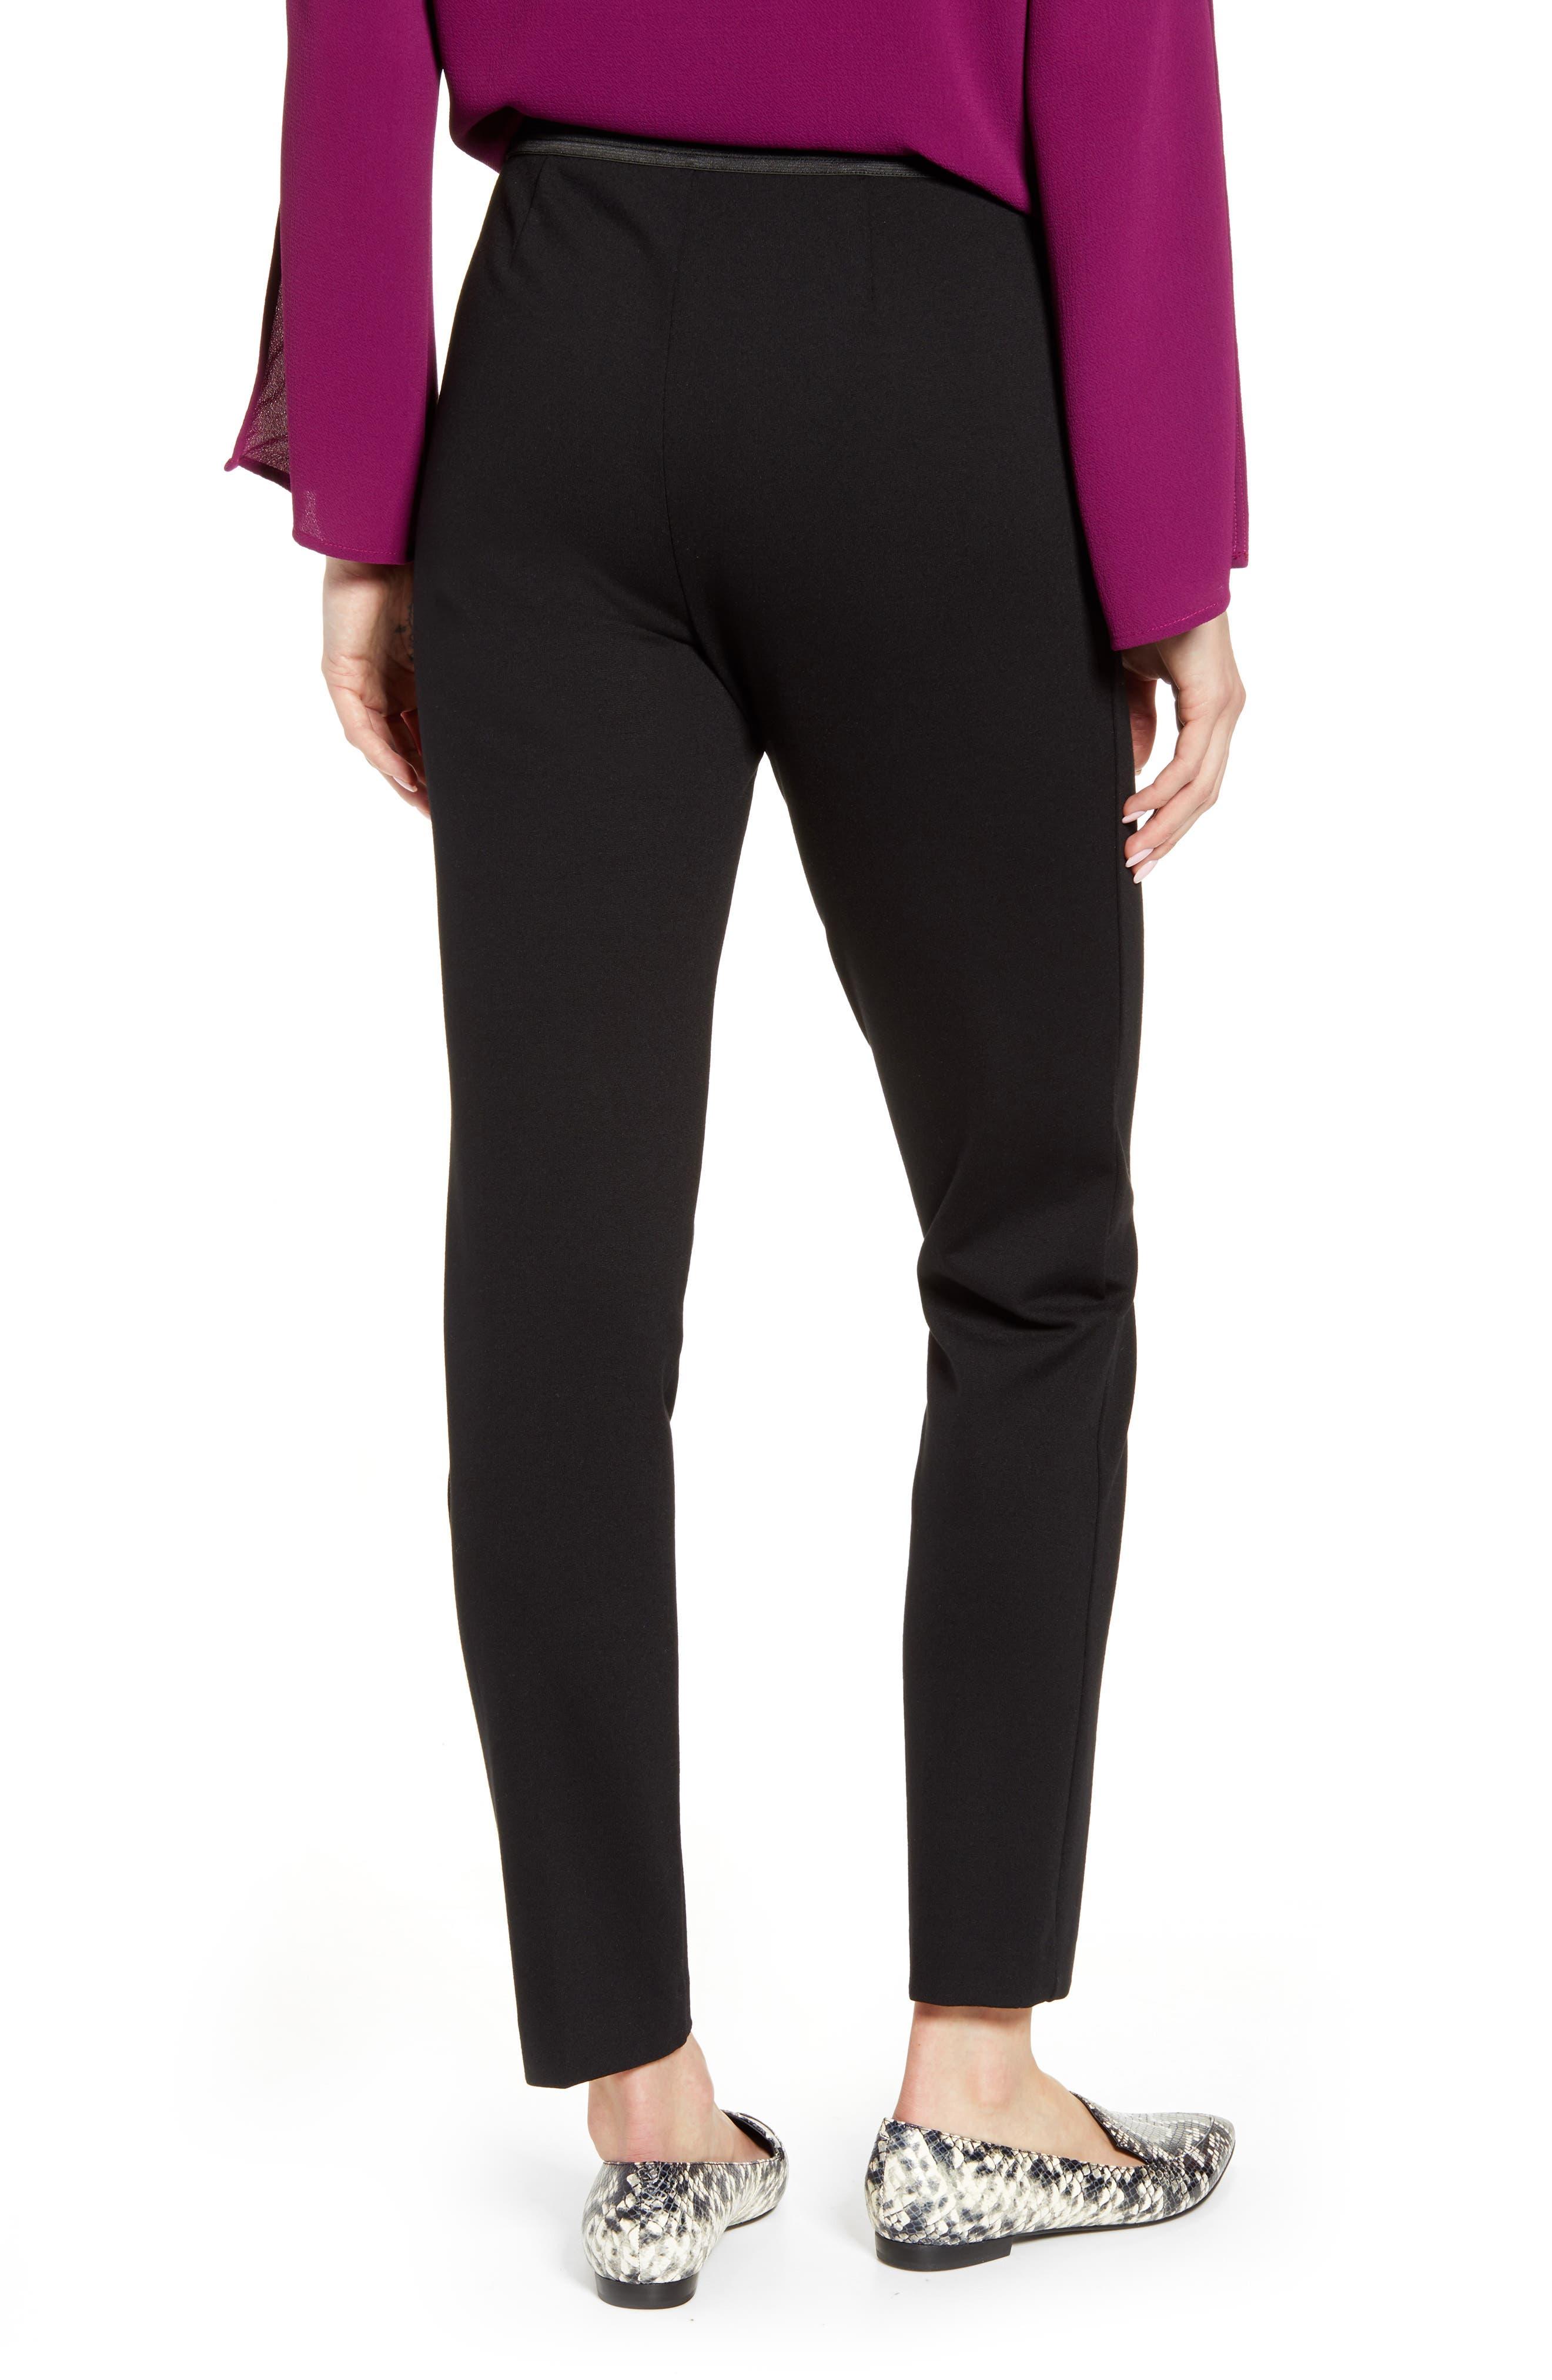 877006d8b1 Women's Vince Camuto Petite Pants | Nordstrom